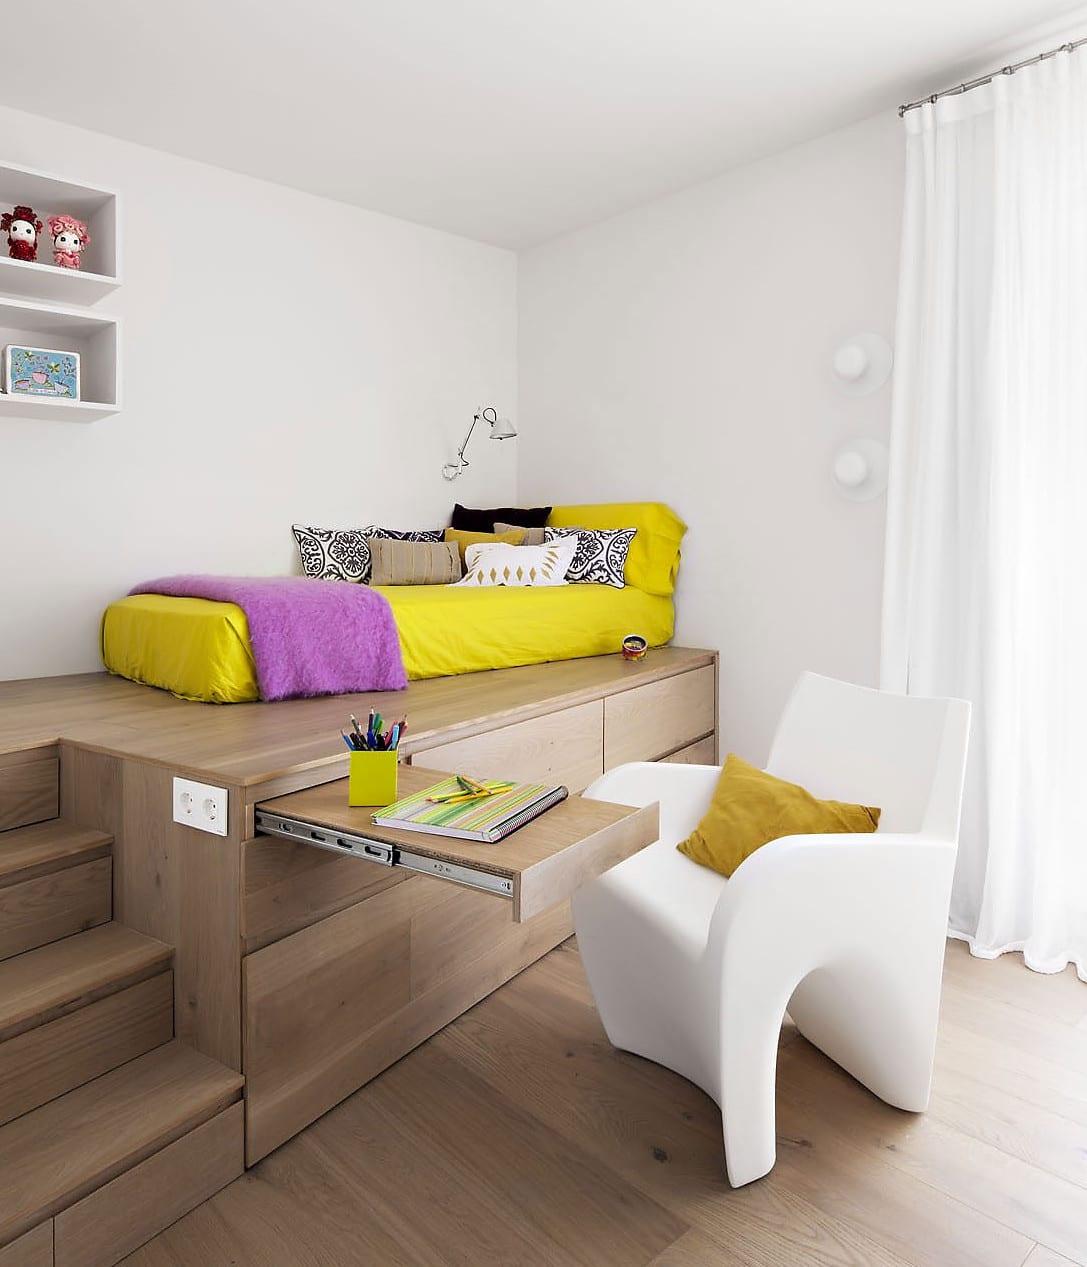 Zimmer Deko Ideen Für Jugendliche Und Moderne Judendzimmer  Einrichtungsideen Mit Platzsparenden Möbel Und Kreative Idee Für